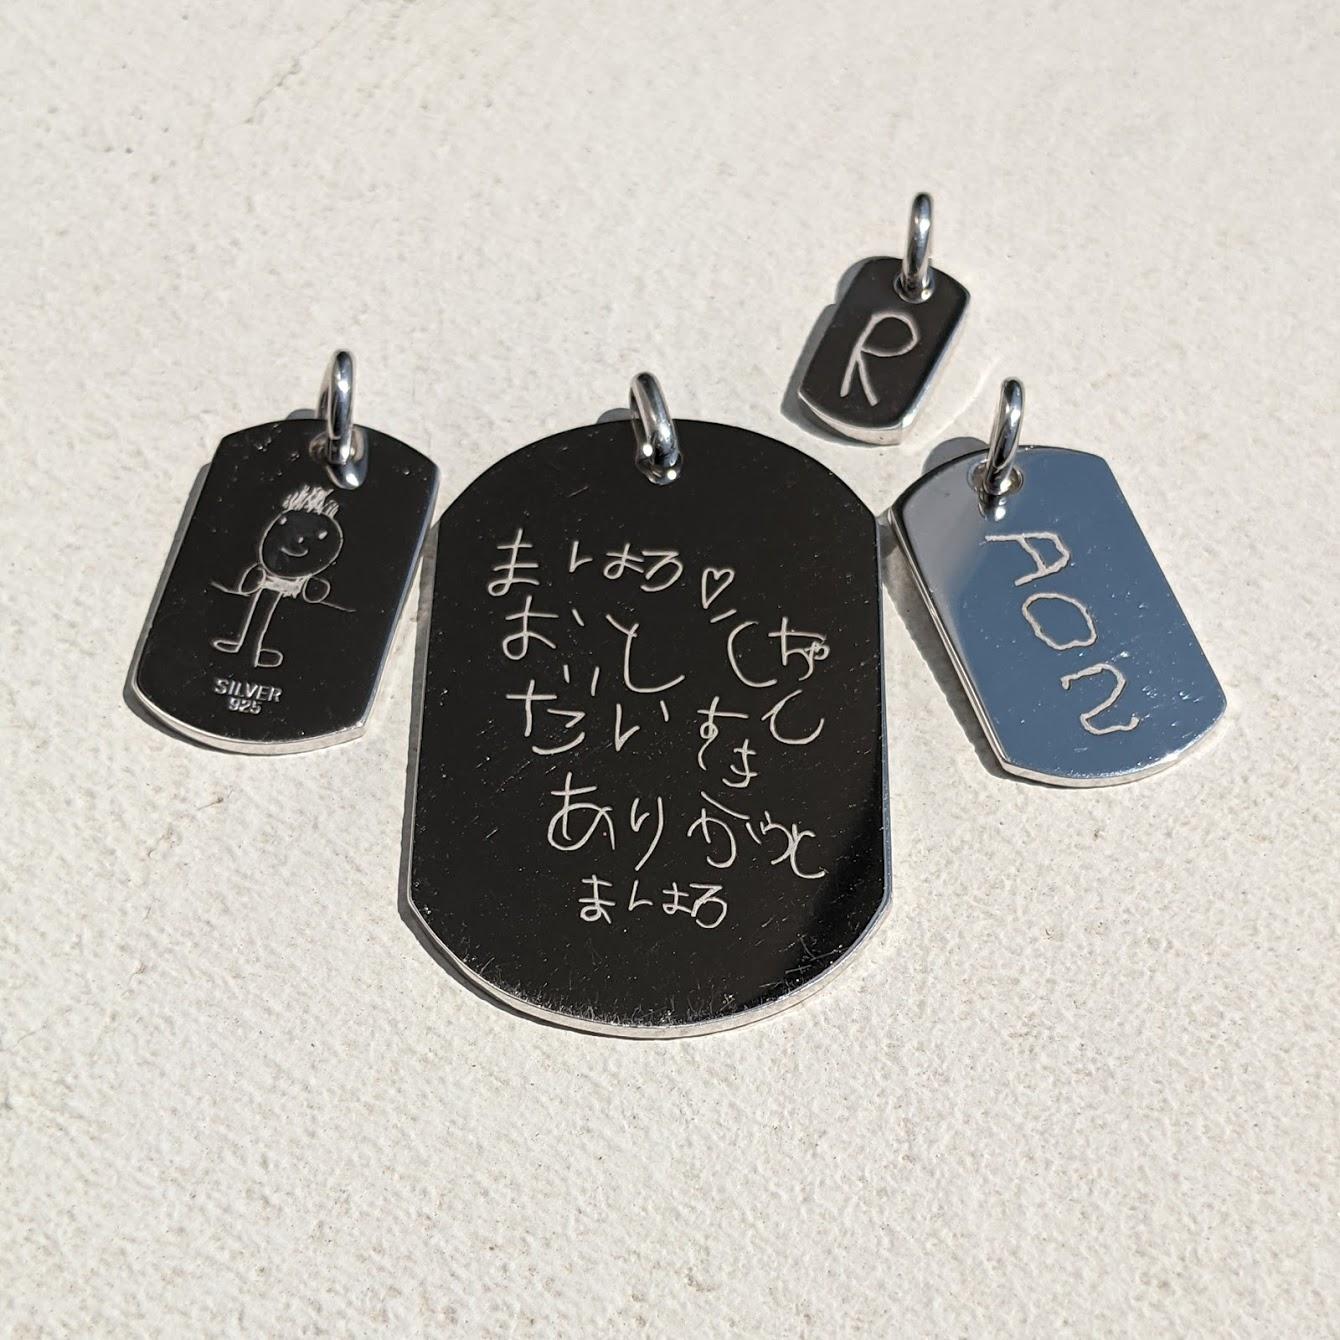 """子どもの忘れたくない瞬間を""""カタチ""""に 書き文字を彫刻する「ドローイングタグ」"""